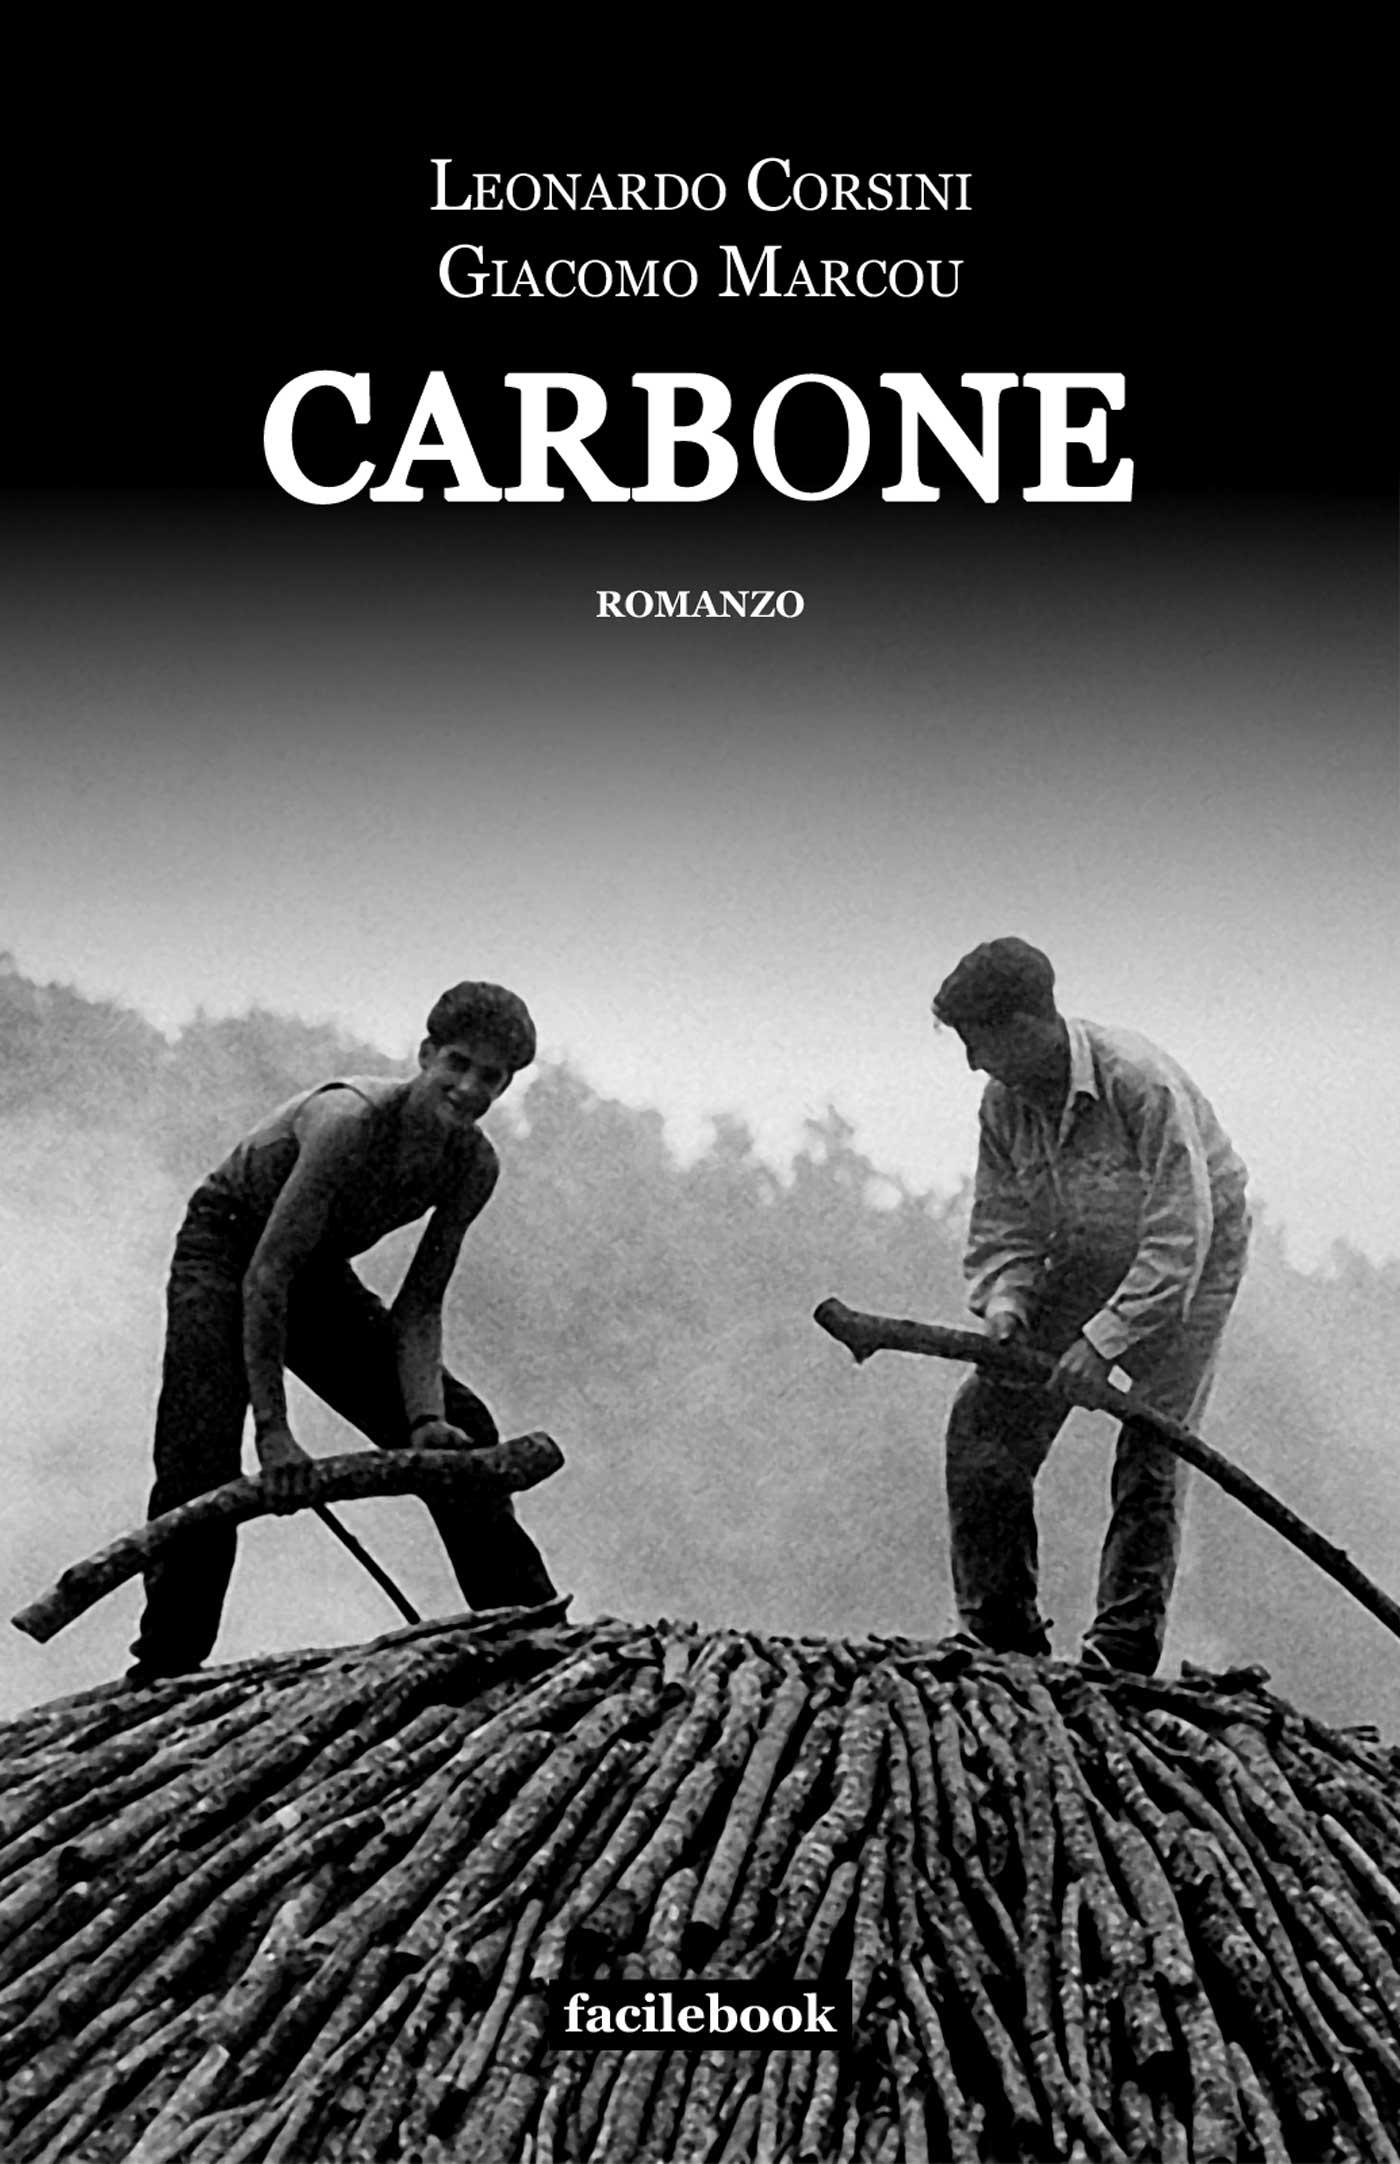 carbone-giacomo-marcou